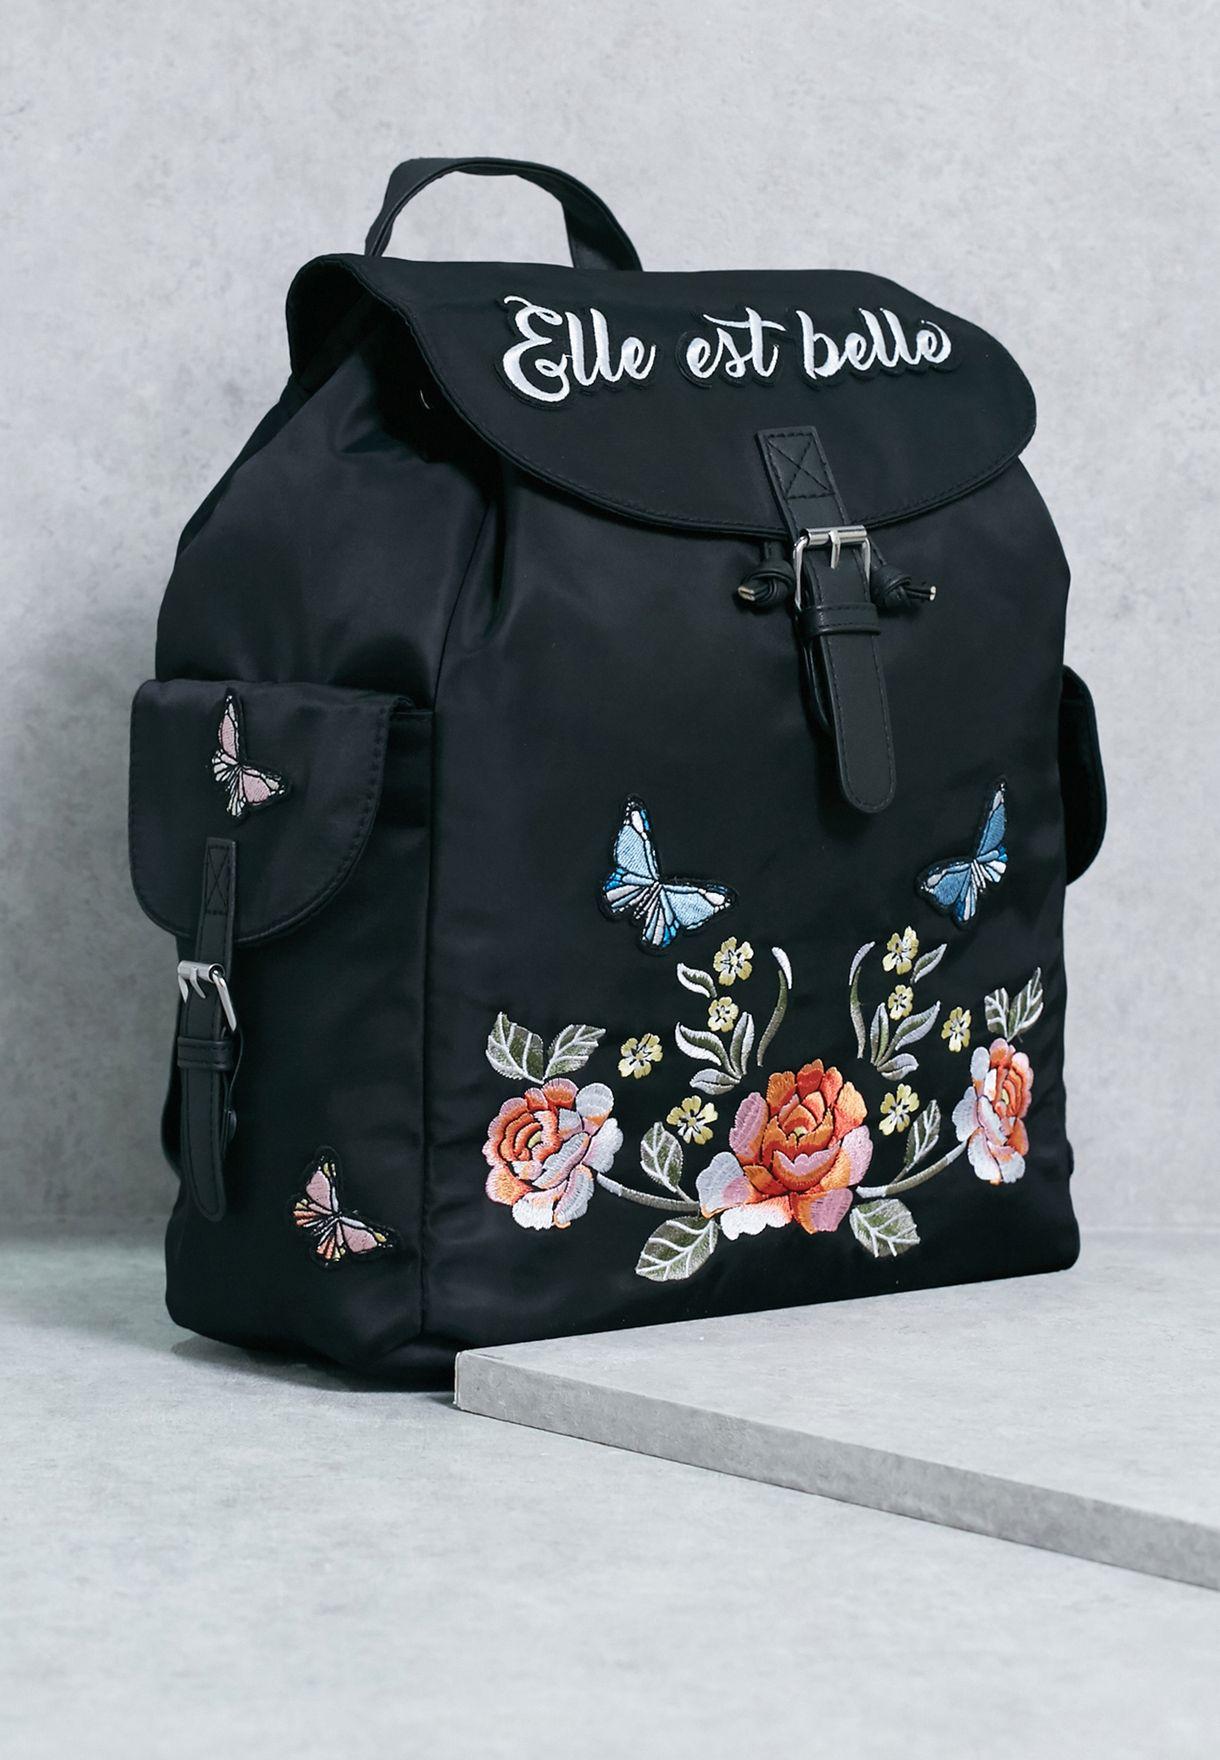 141060dddd56 Shop New Look black Elle Est Belle Embroidery Backpack 517211409 for ...